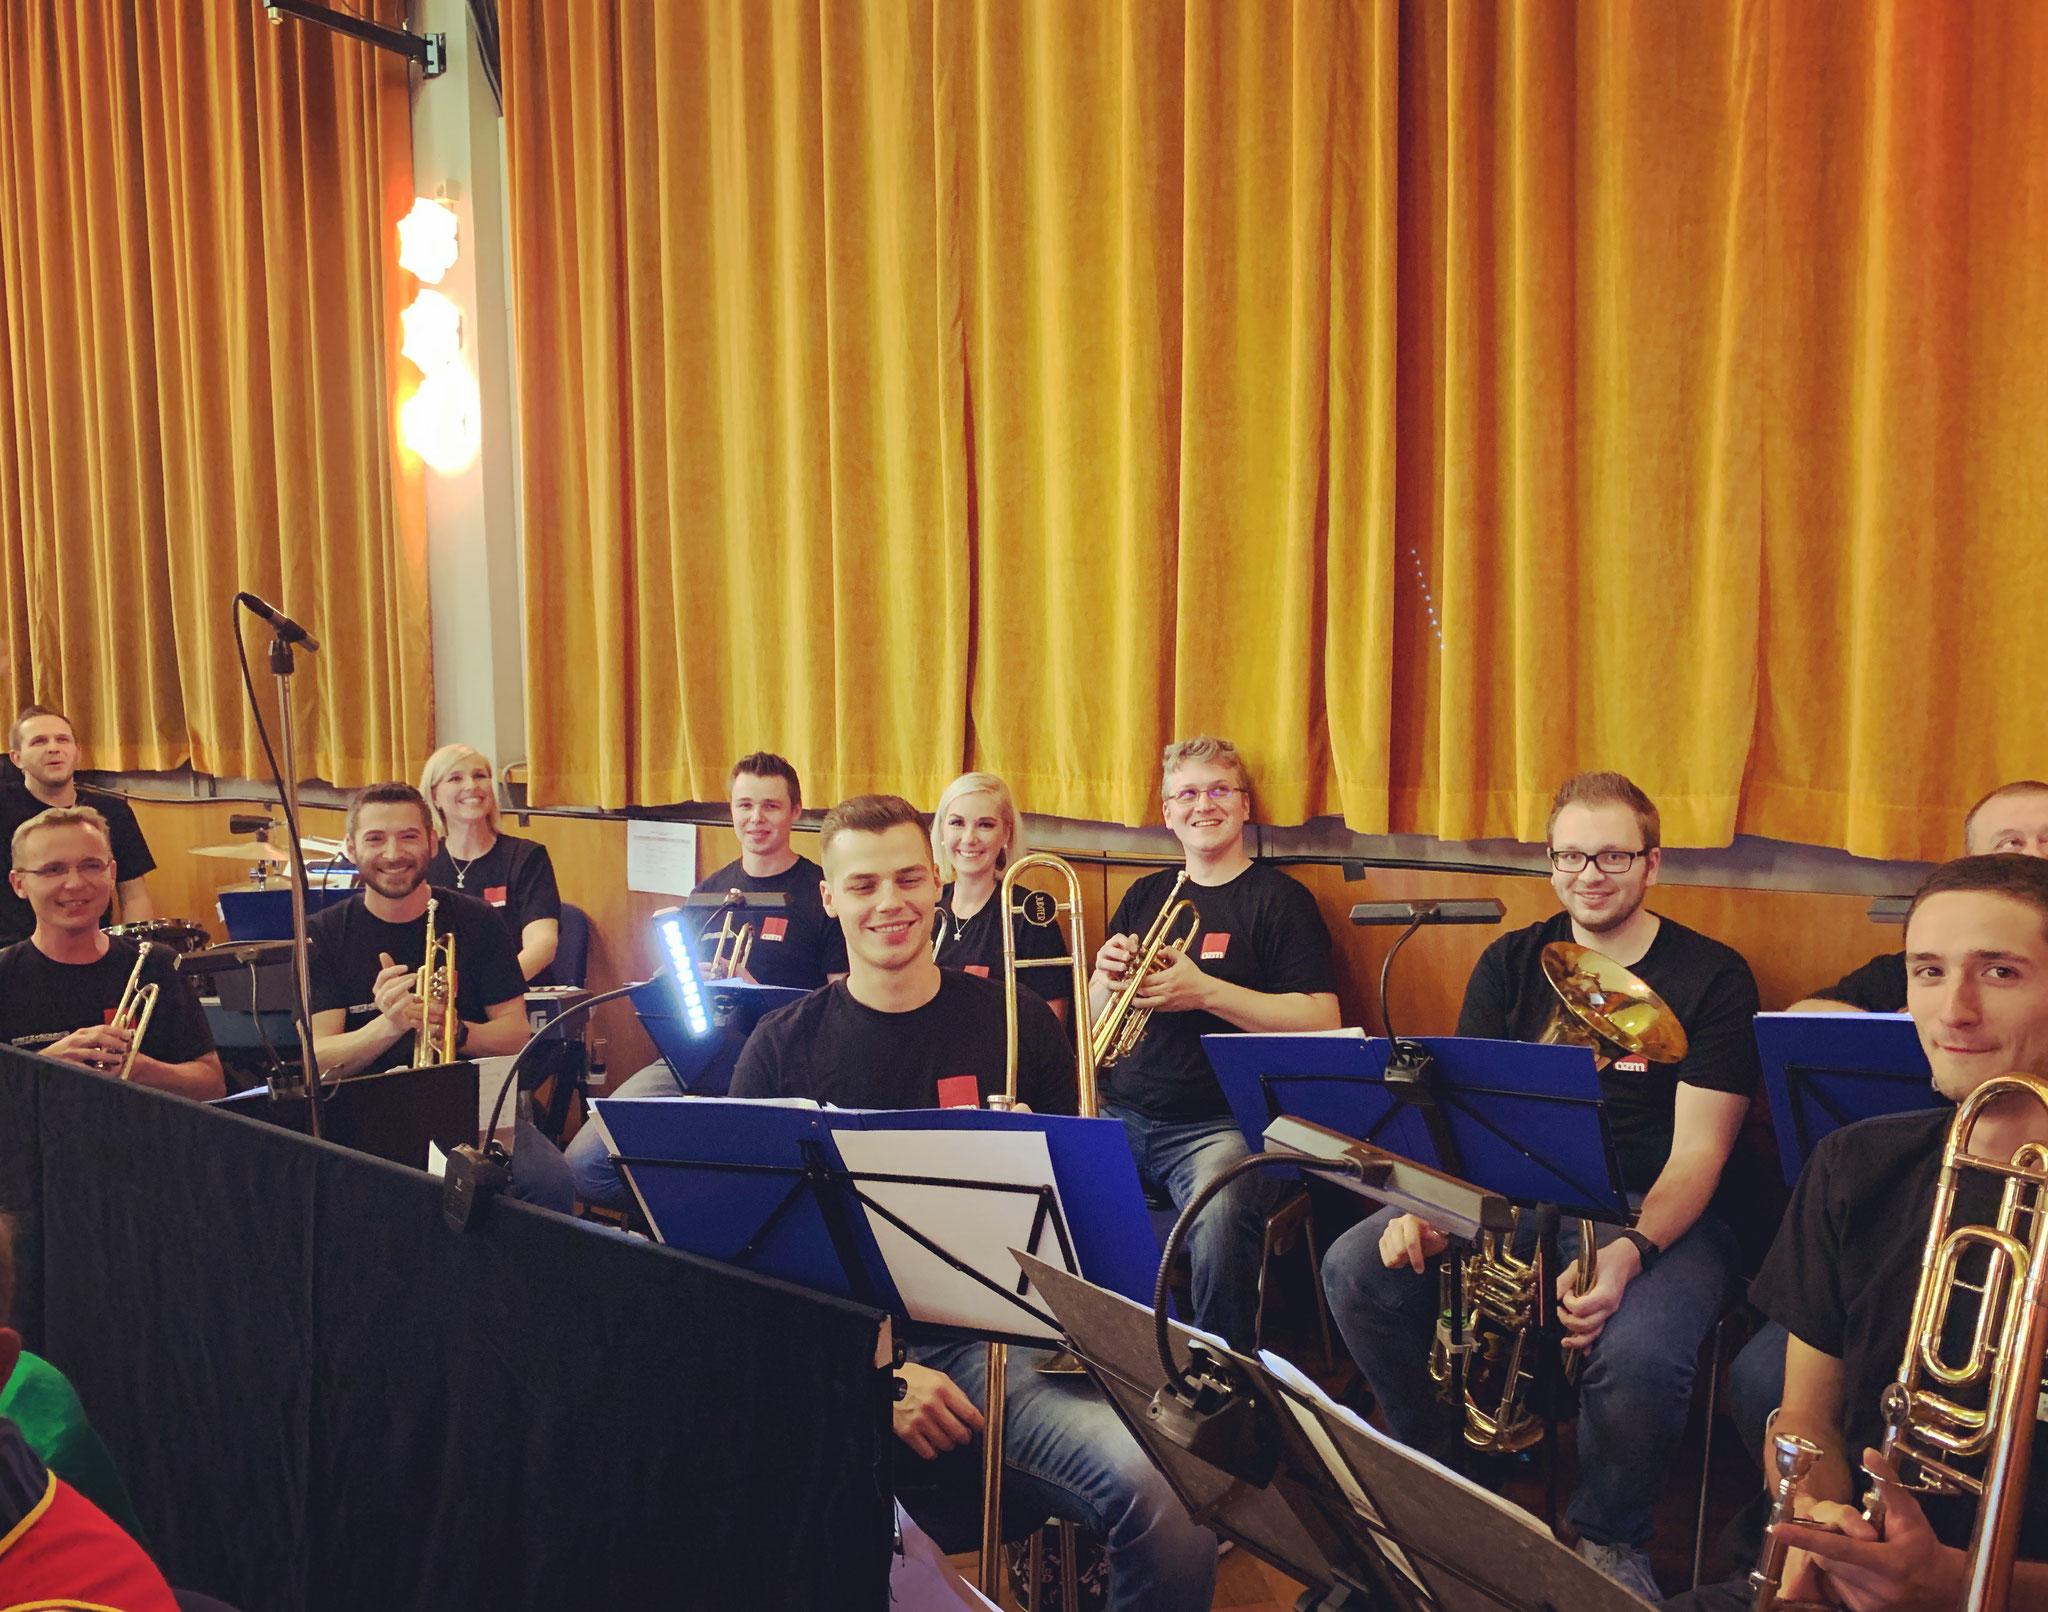 Die One Night Band-Das CCW-Bernsteinzimmer der guten Musik